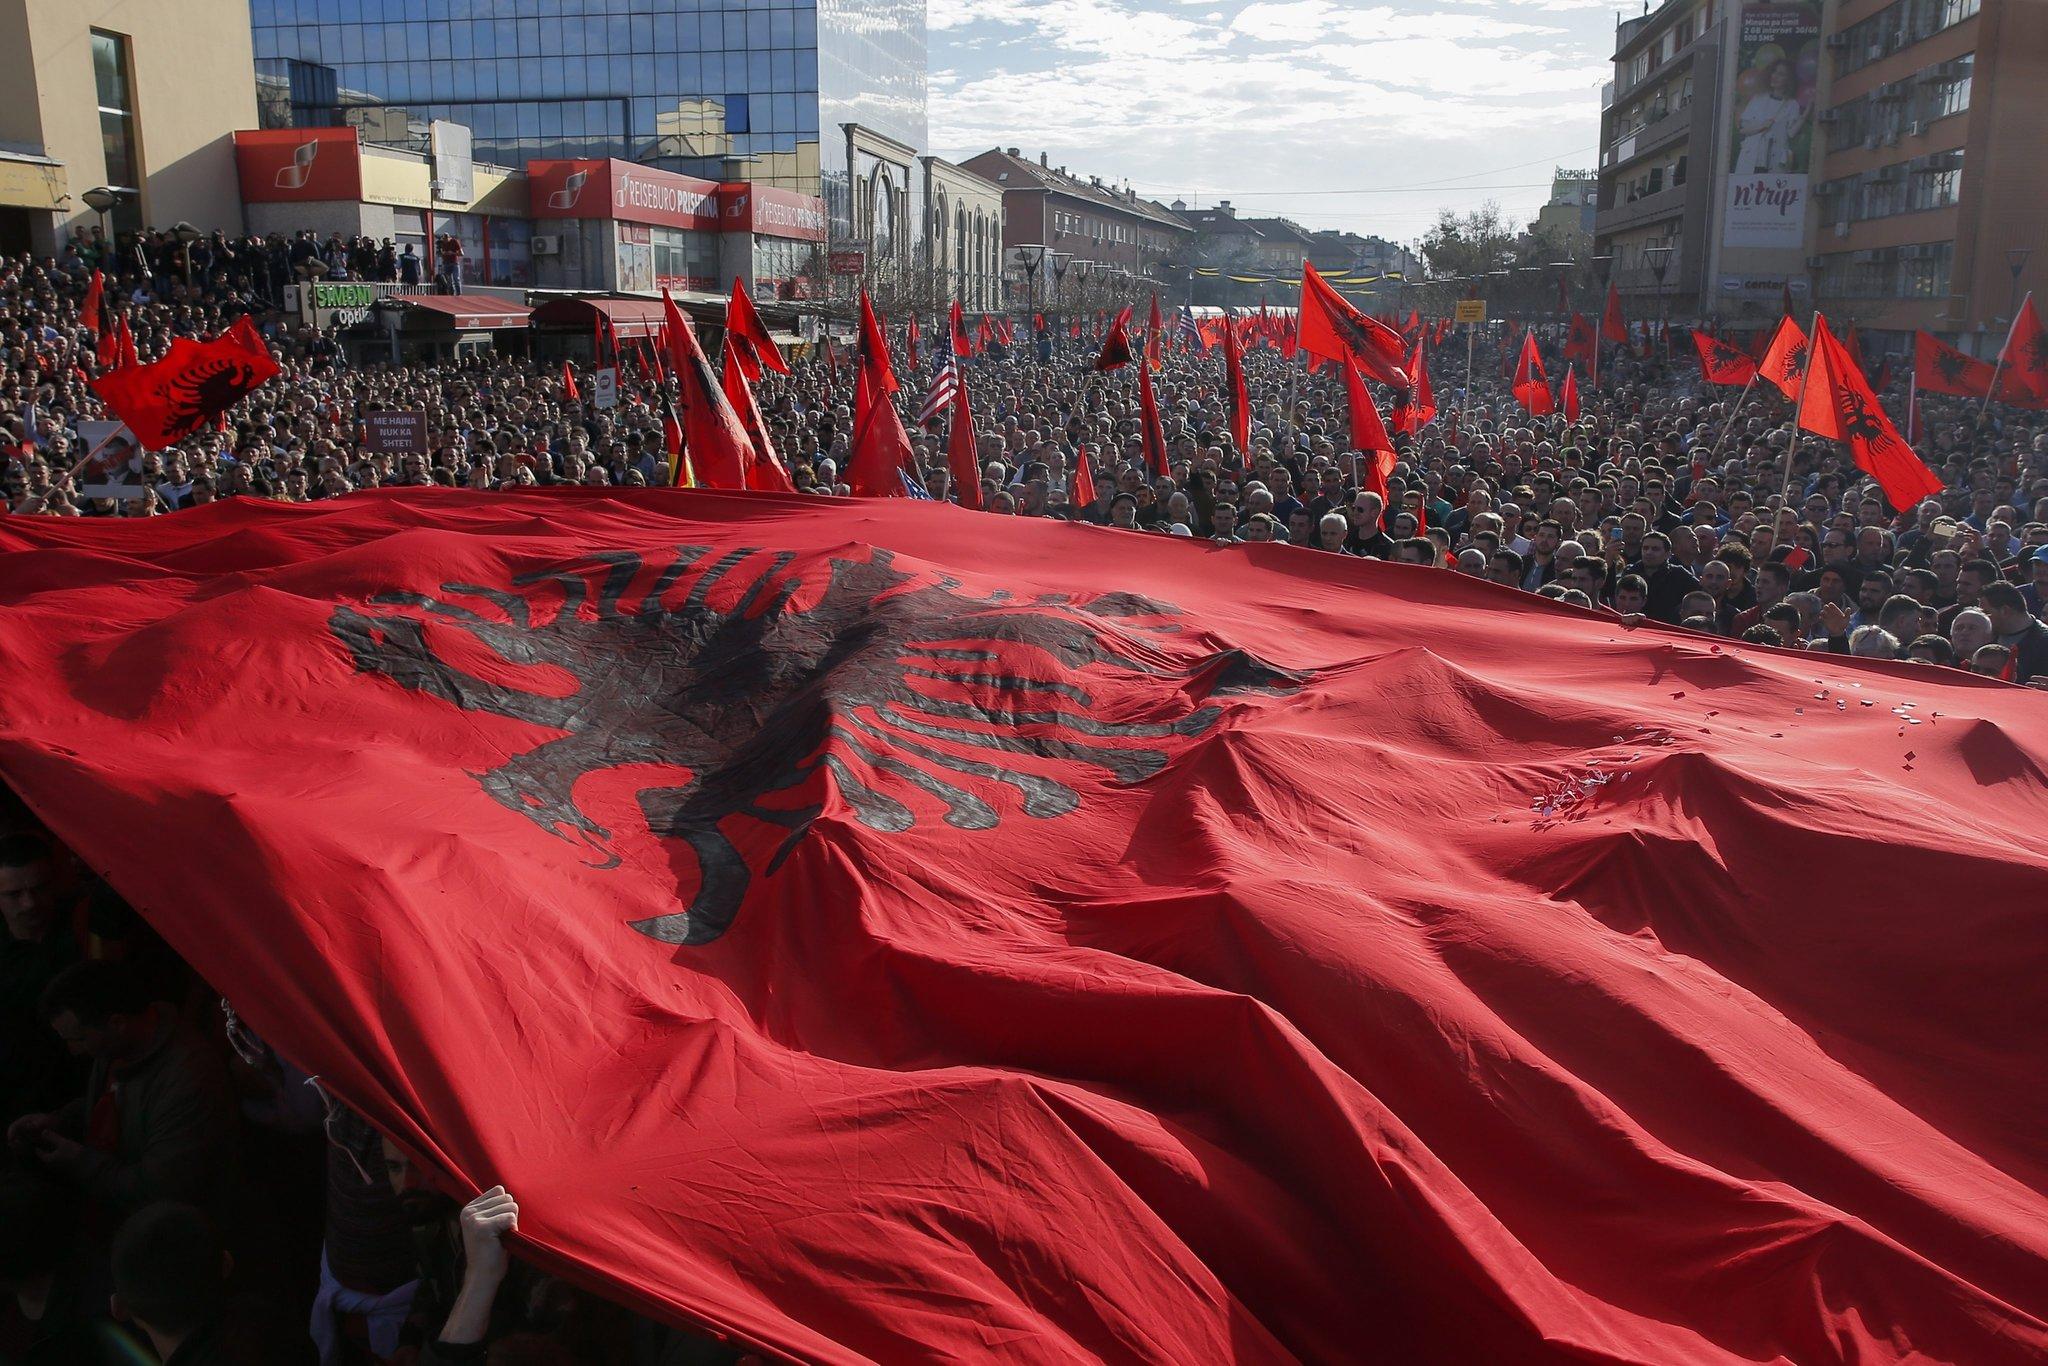 Mirajul Albaniei Mari, agită periodic butoiul de pulbere balcanic